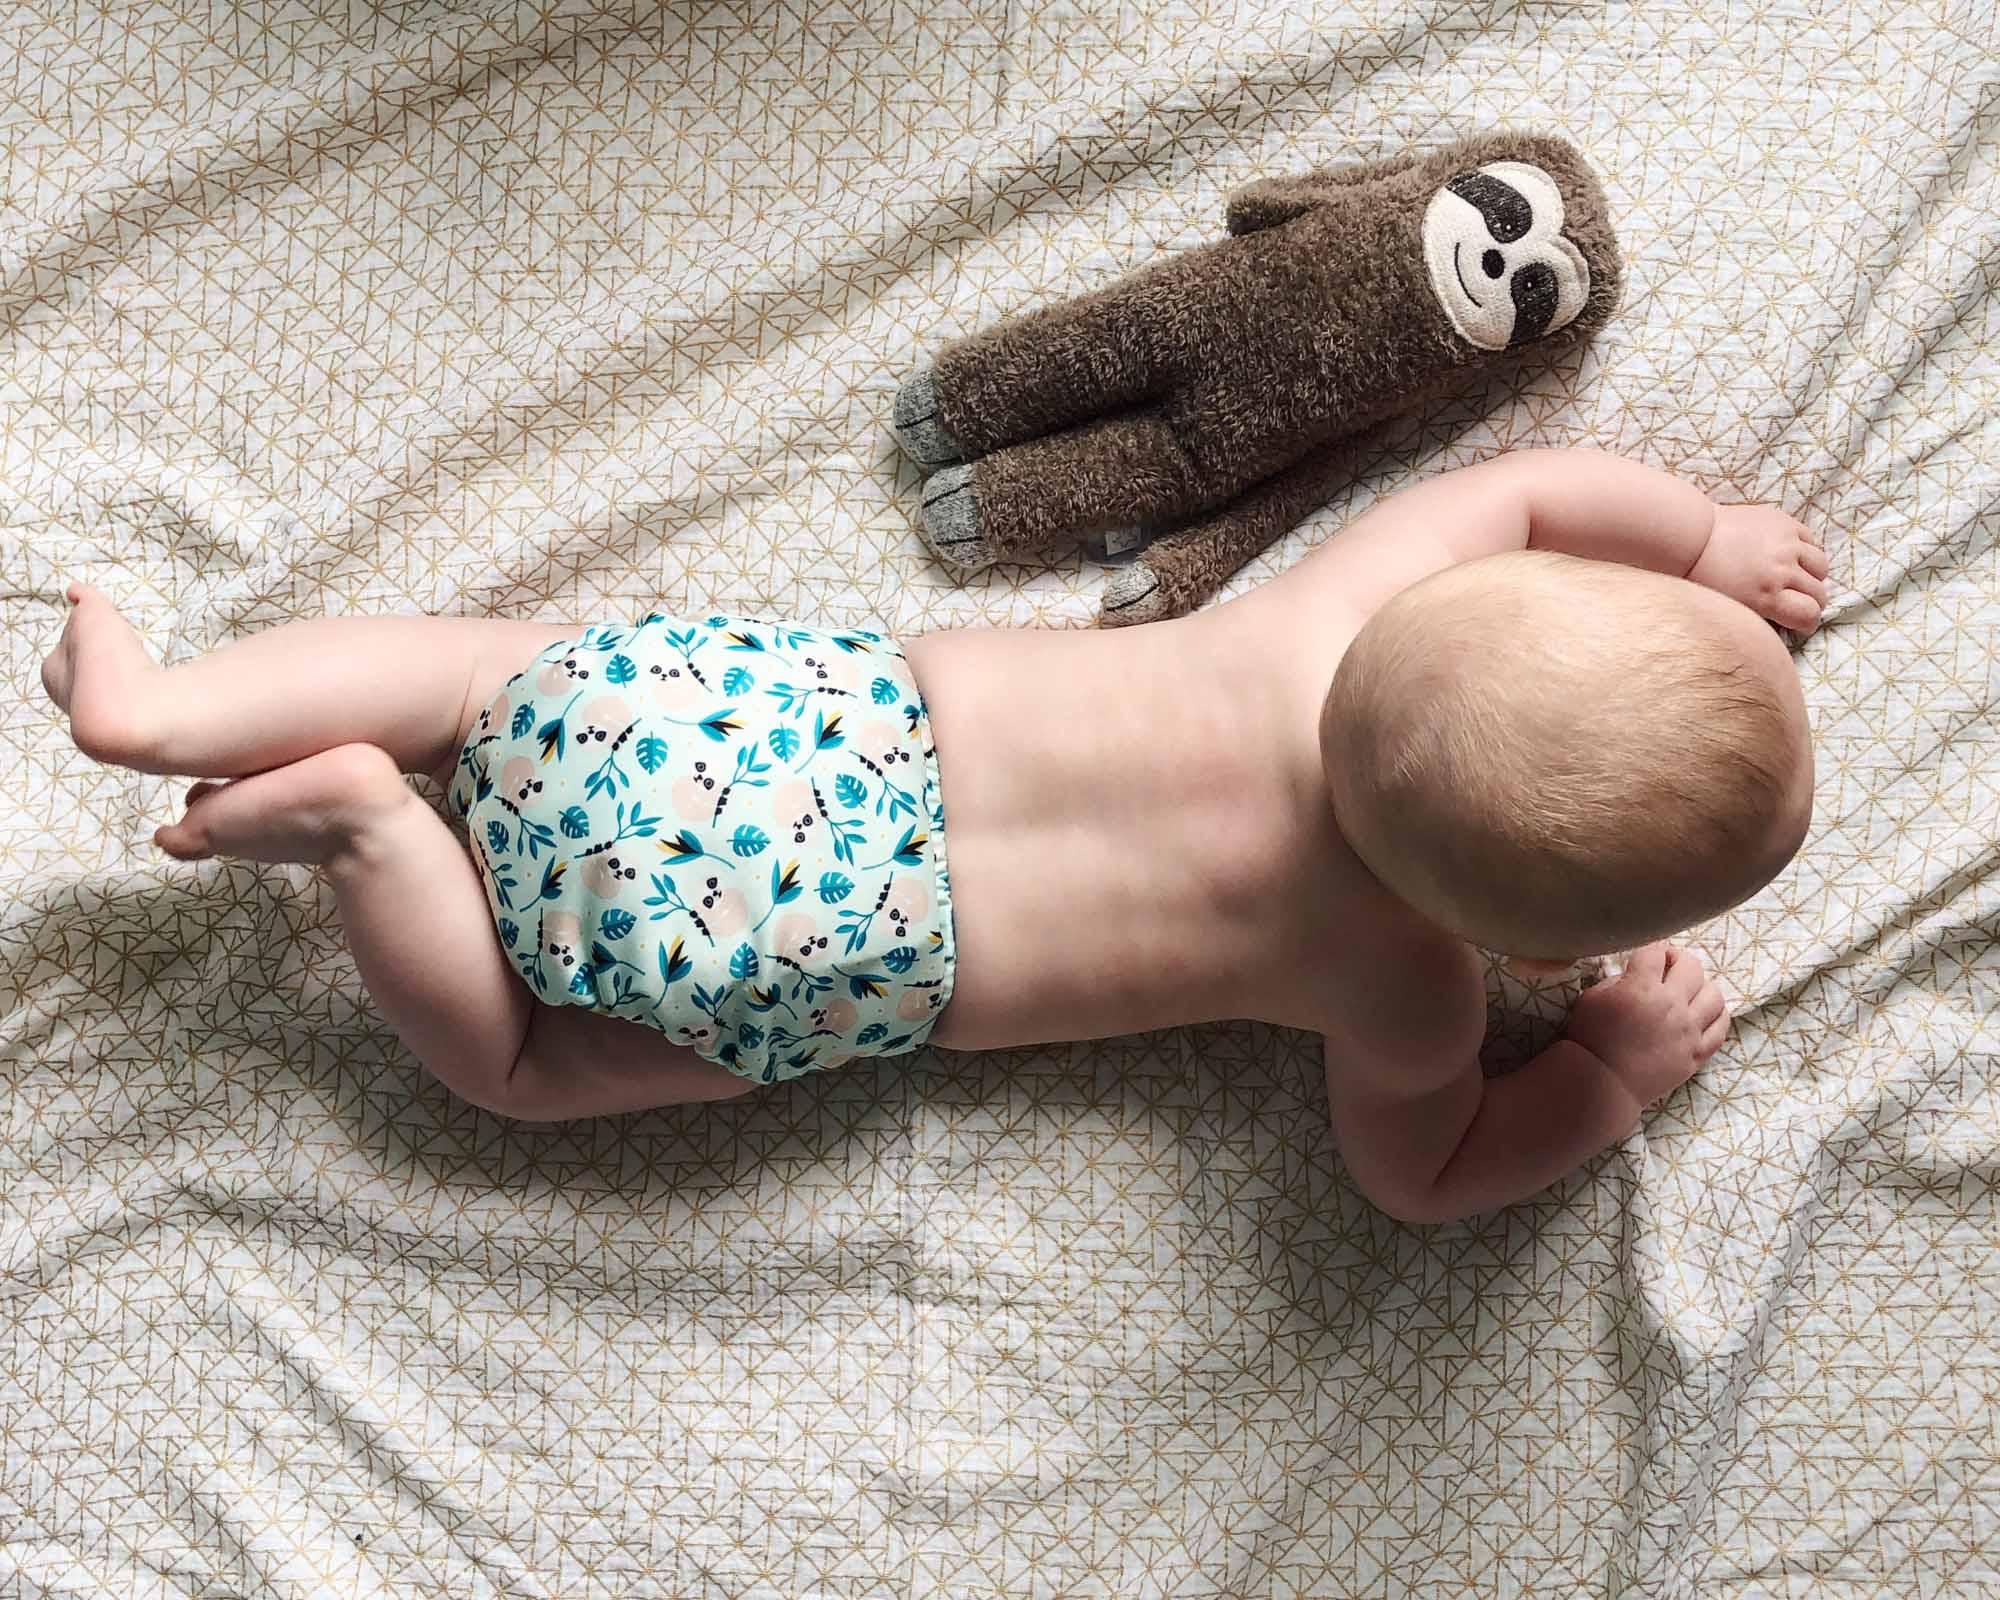 Plastic-free parenting